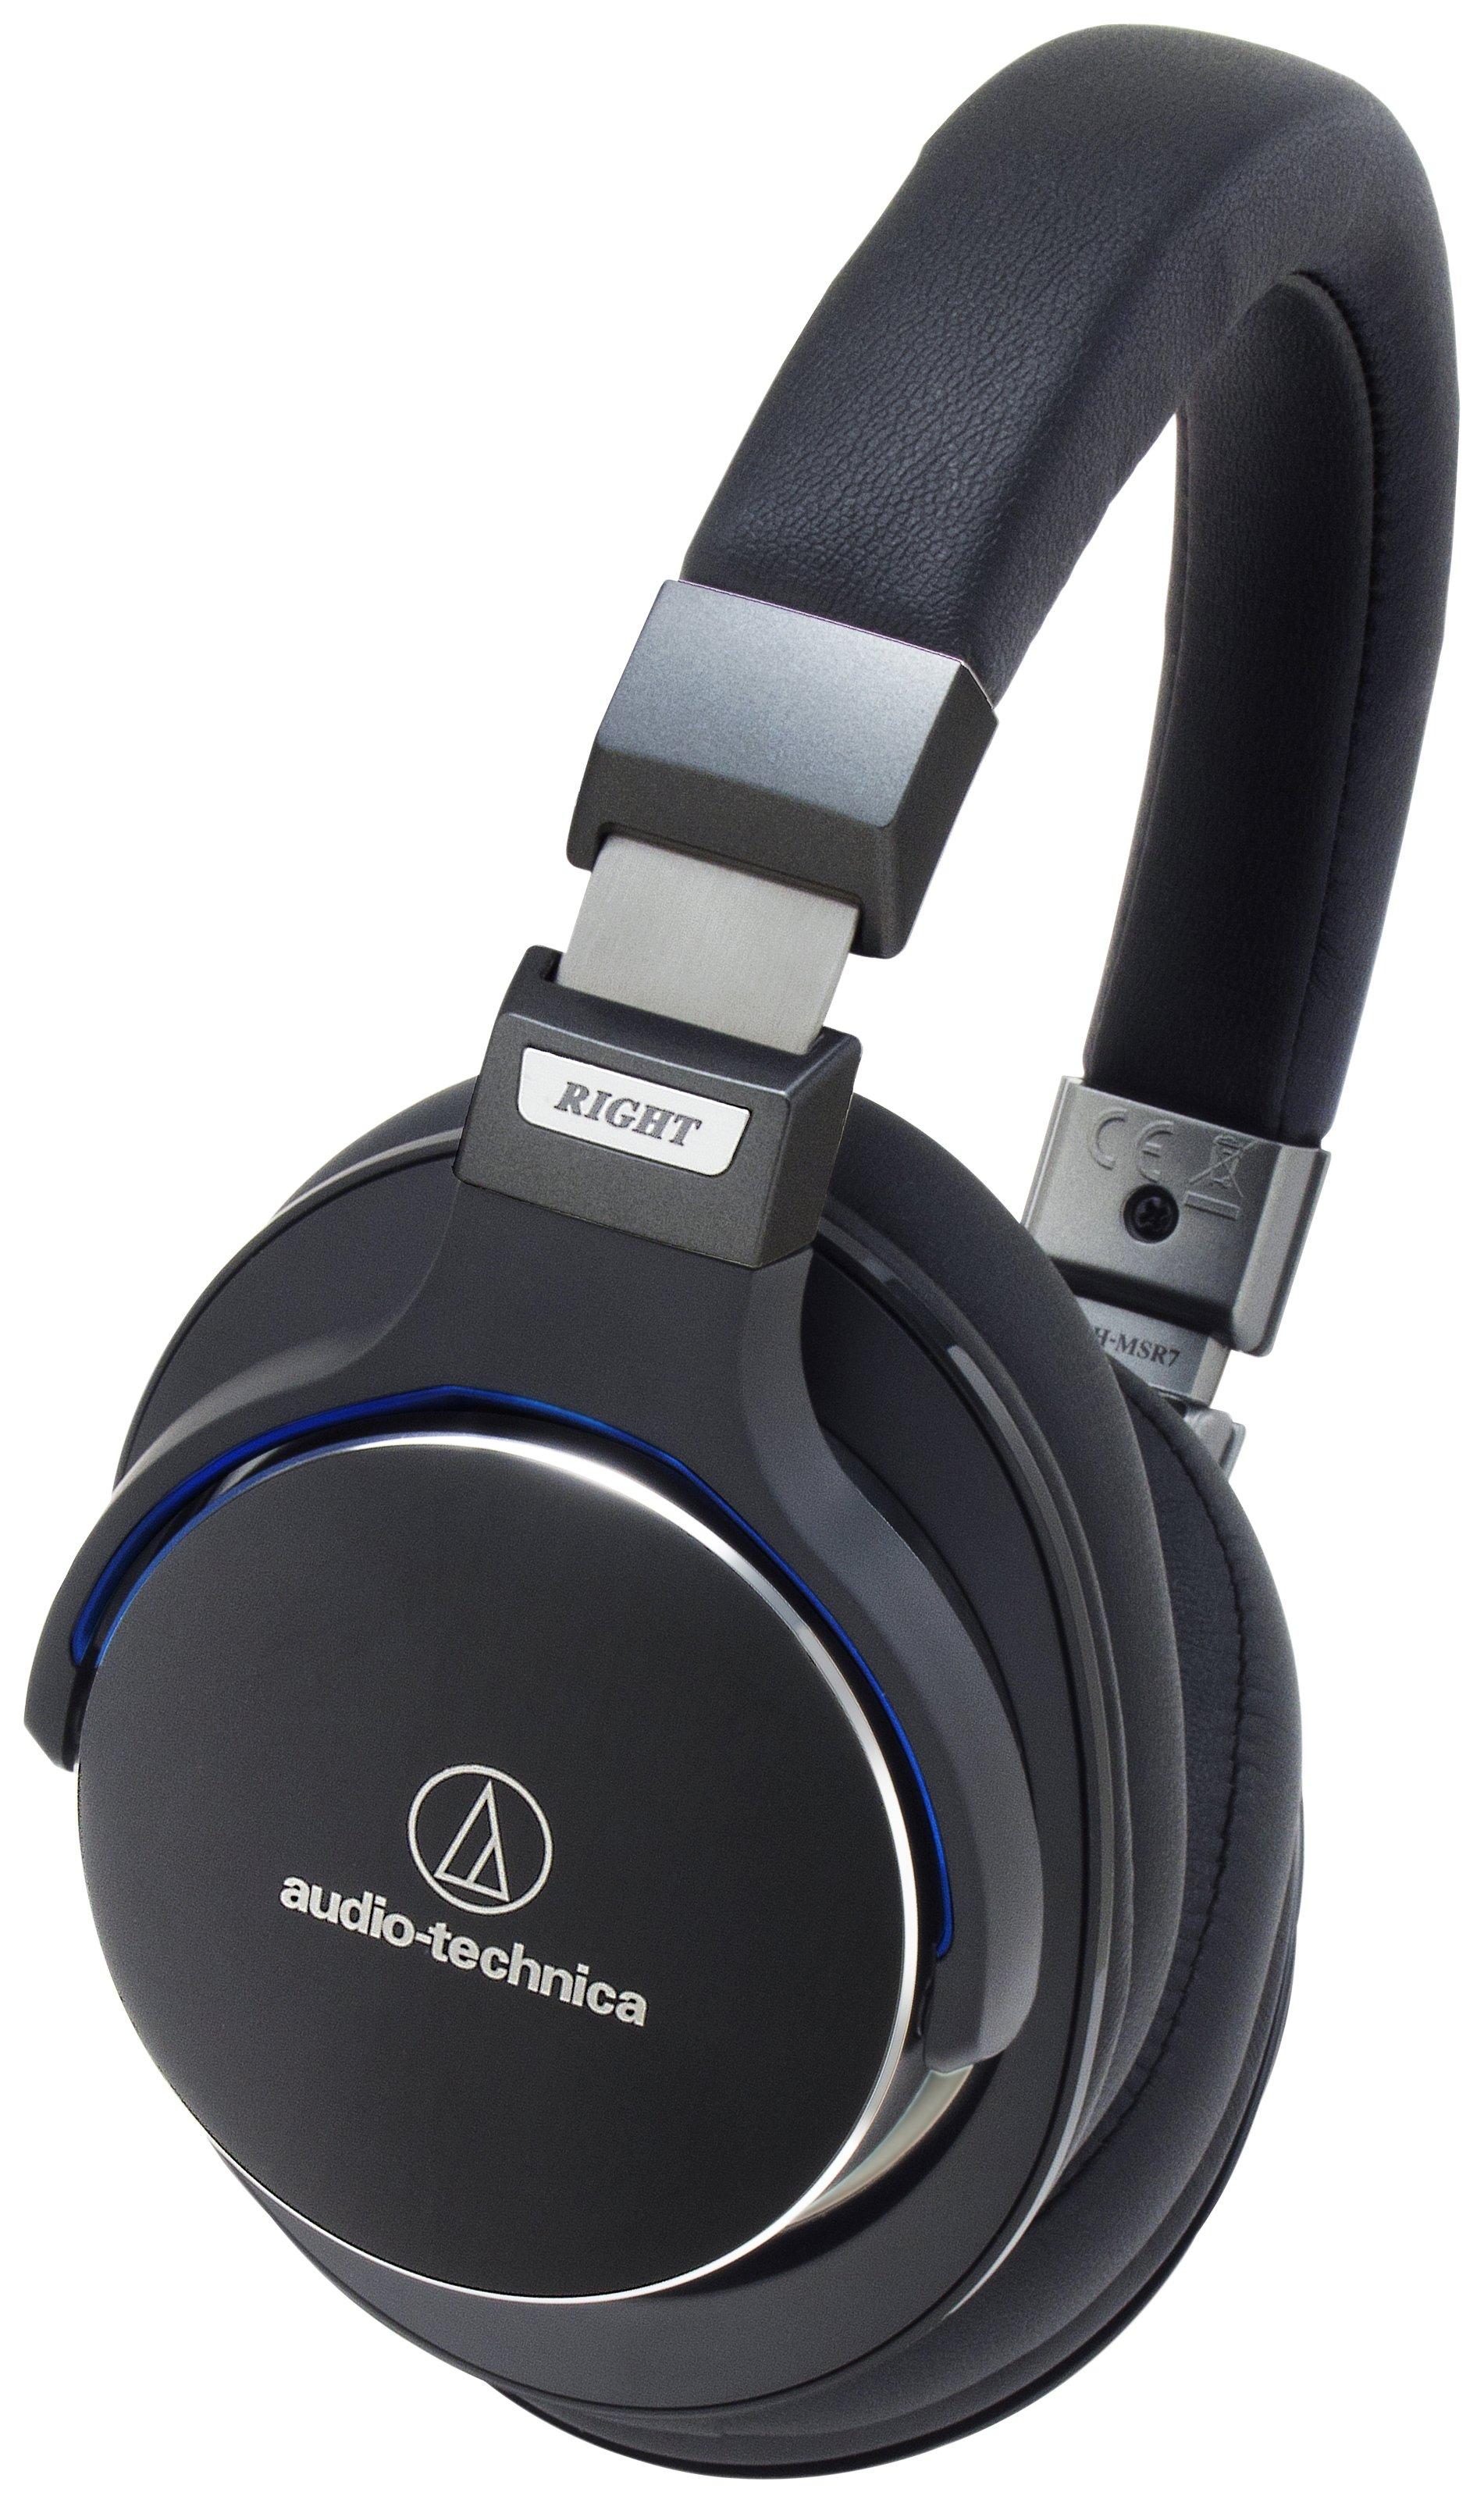 Image of Audio Technica ATH-MSR7BK On-Ear Headphones - Black.